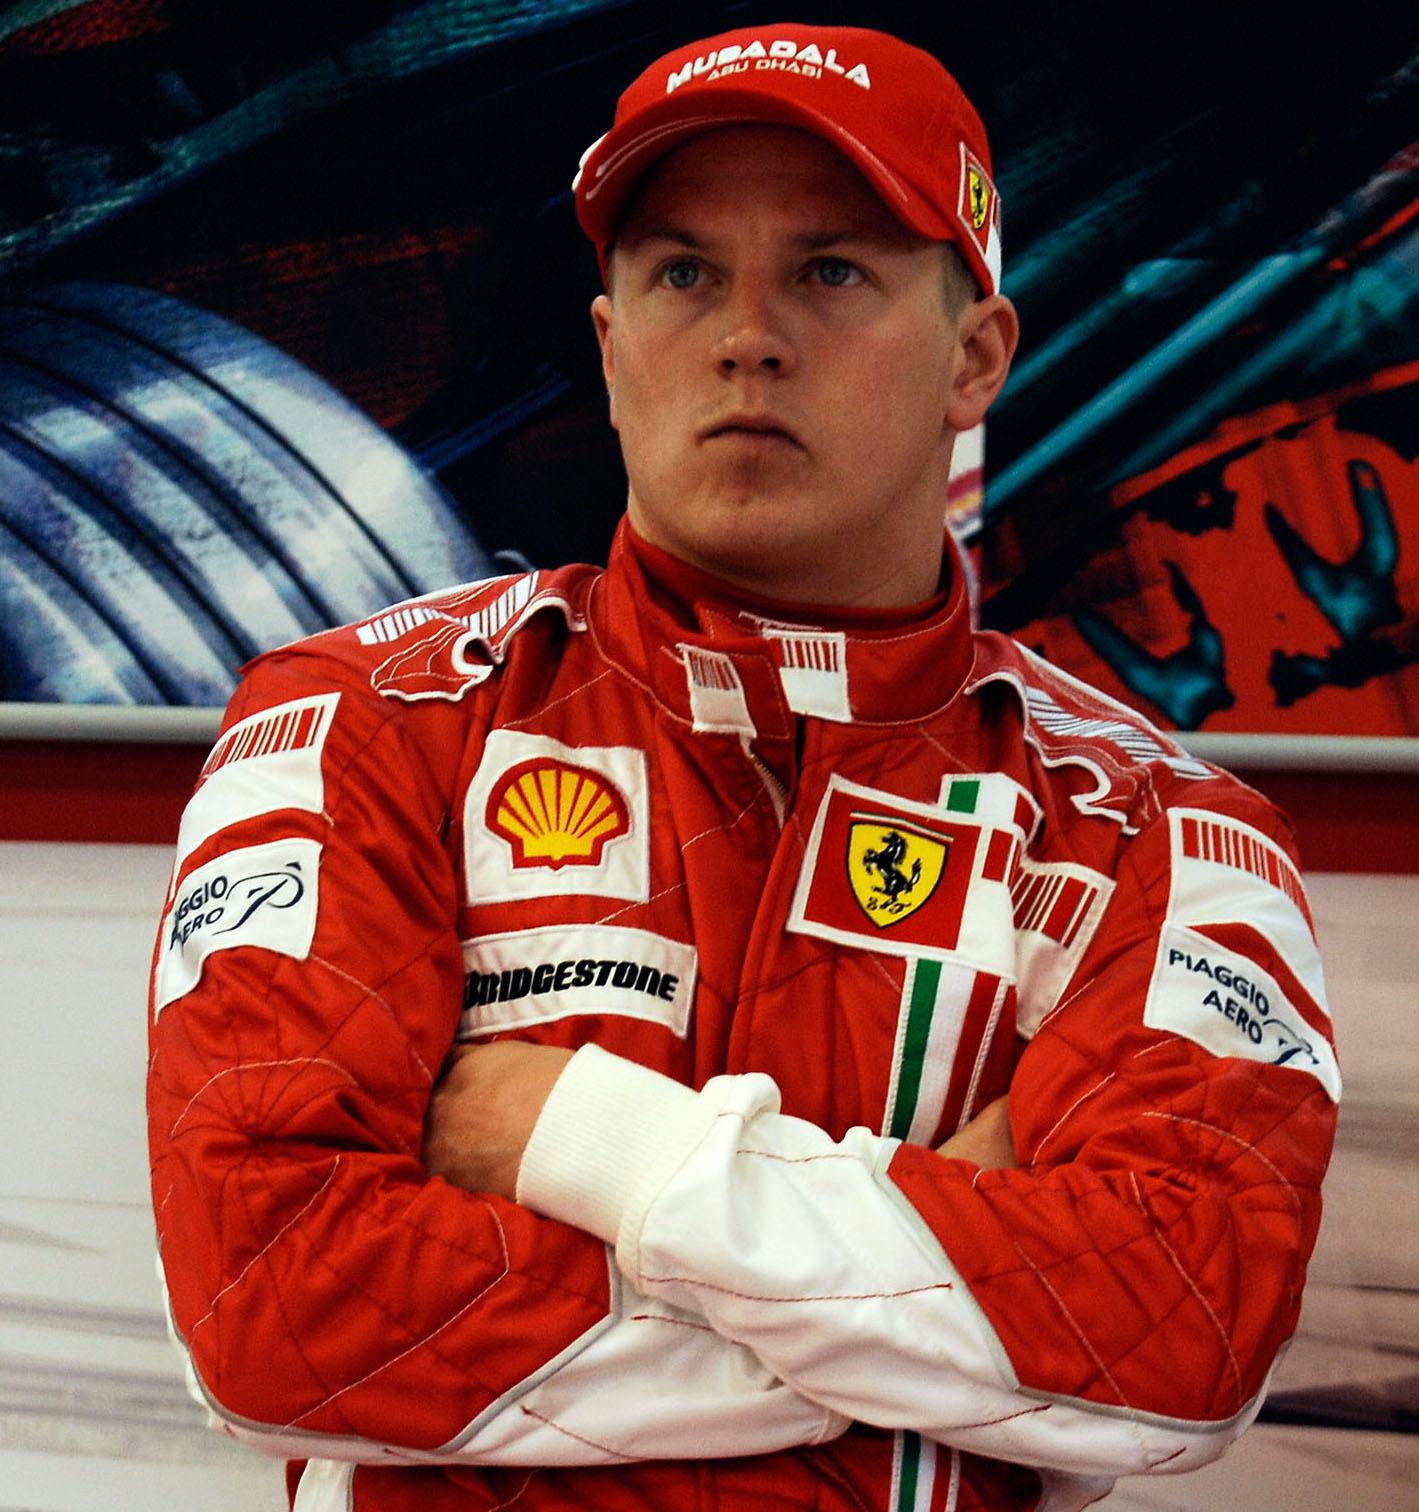 Kimi Räikkönen Pituus